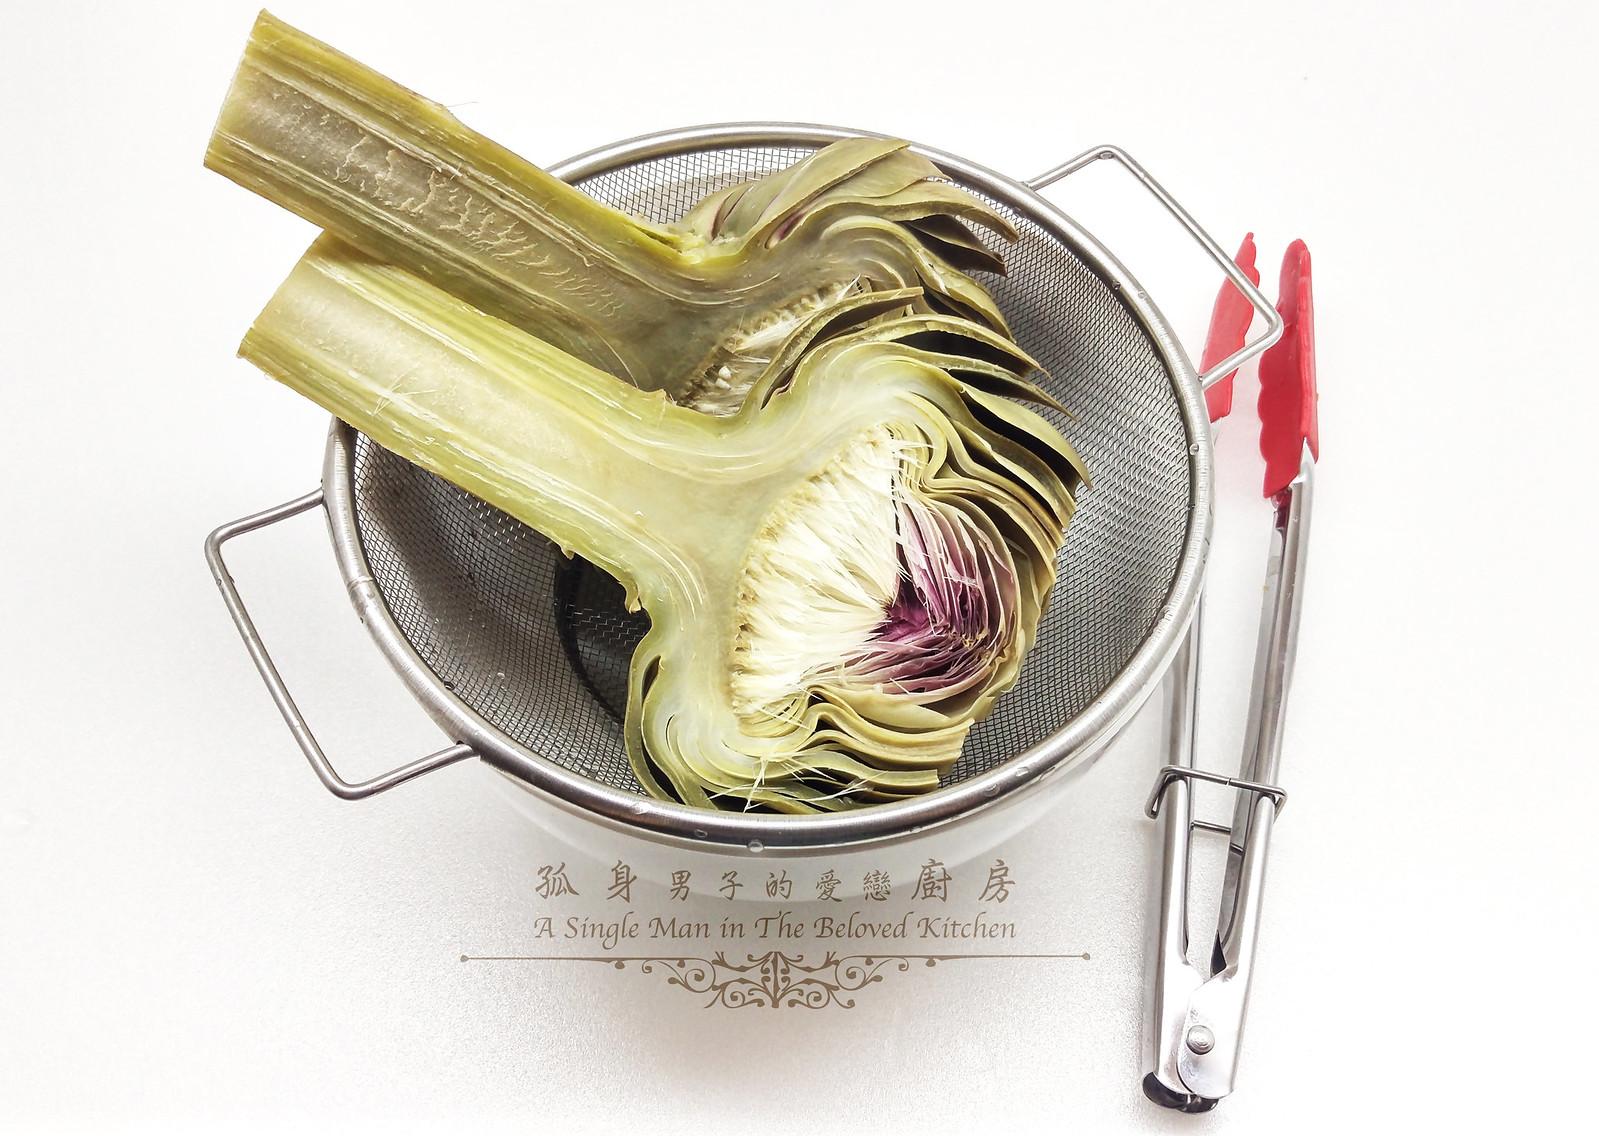 孤身廚房-青醬帕瑪森起司鑲烤朝鮮薊佐簡易油醋蘿蔓沙拉10